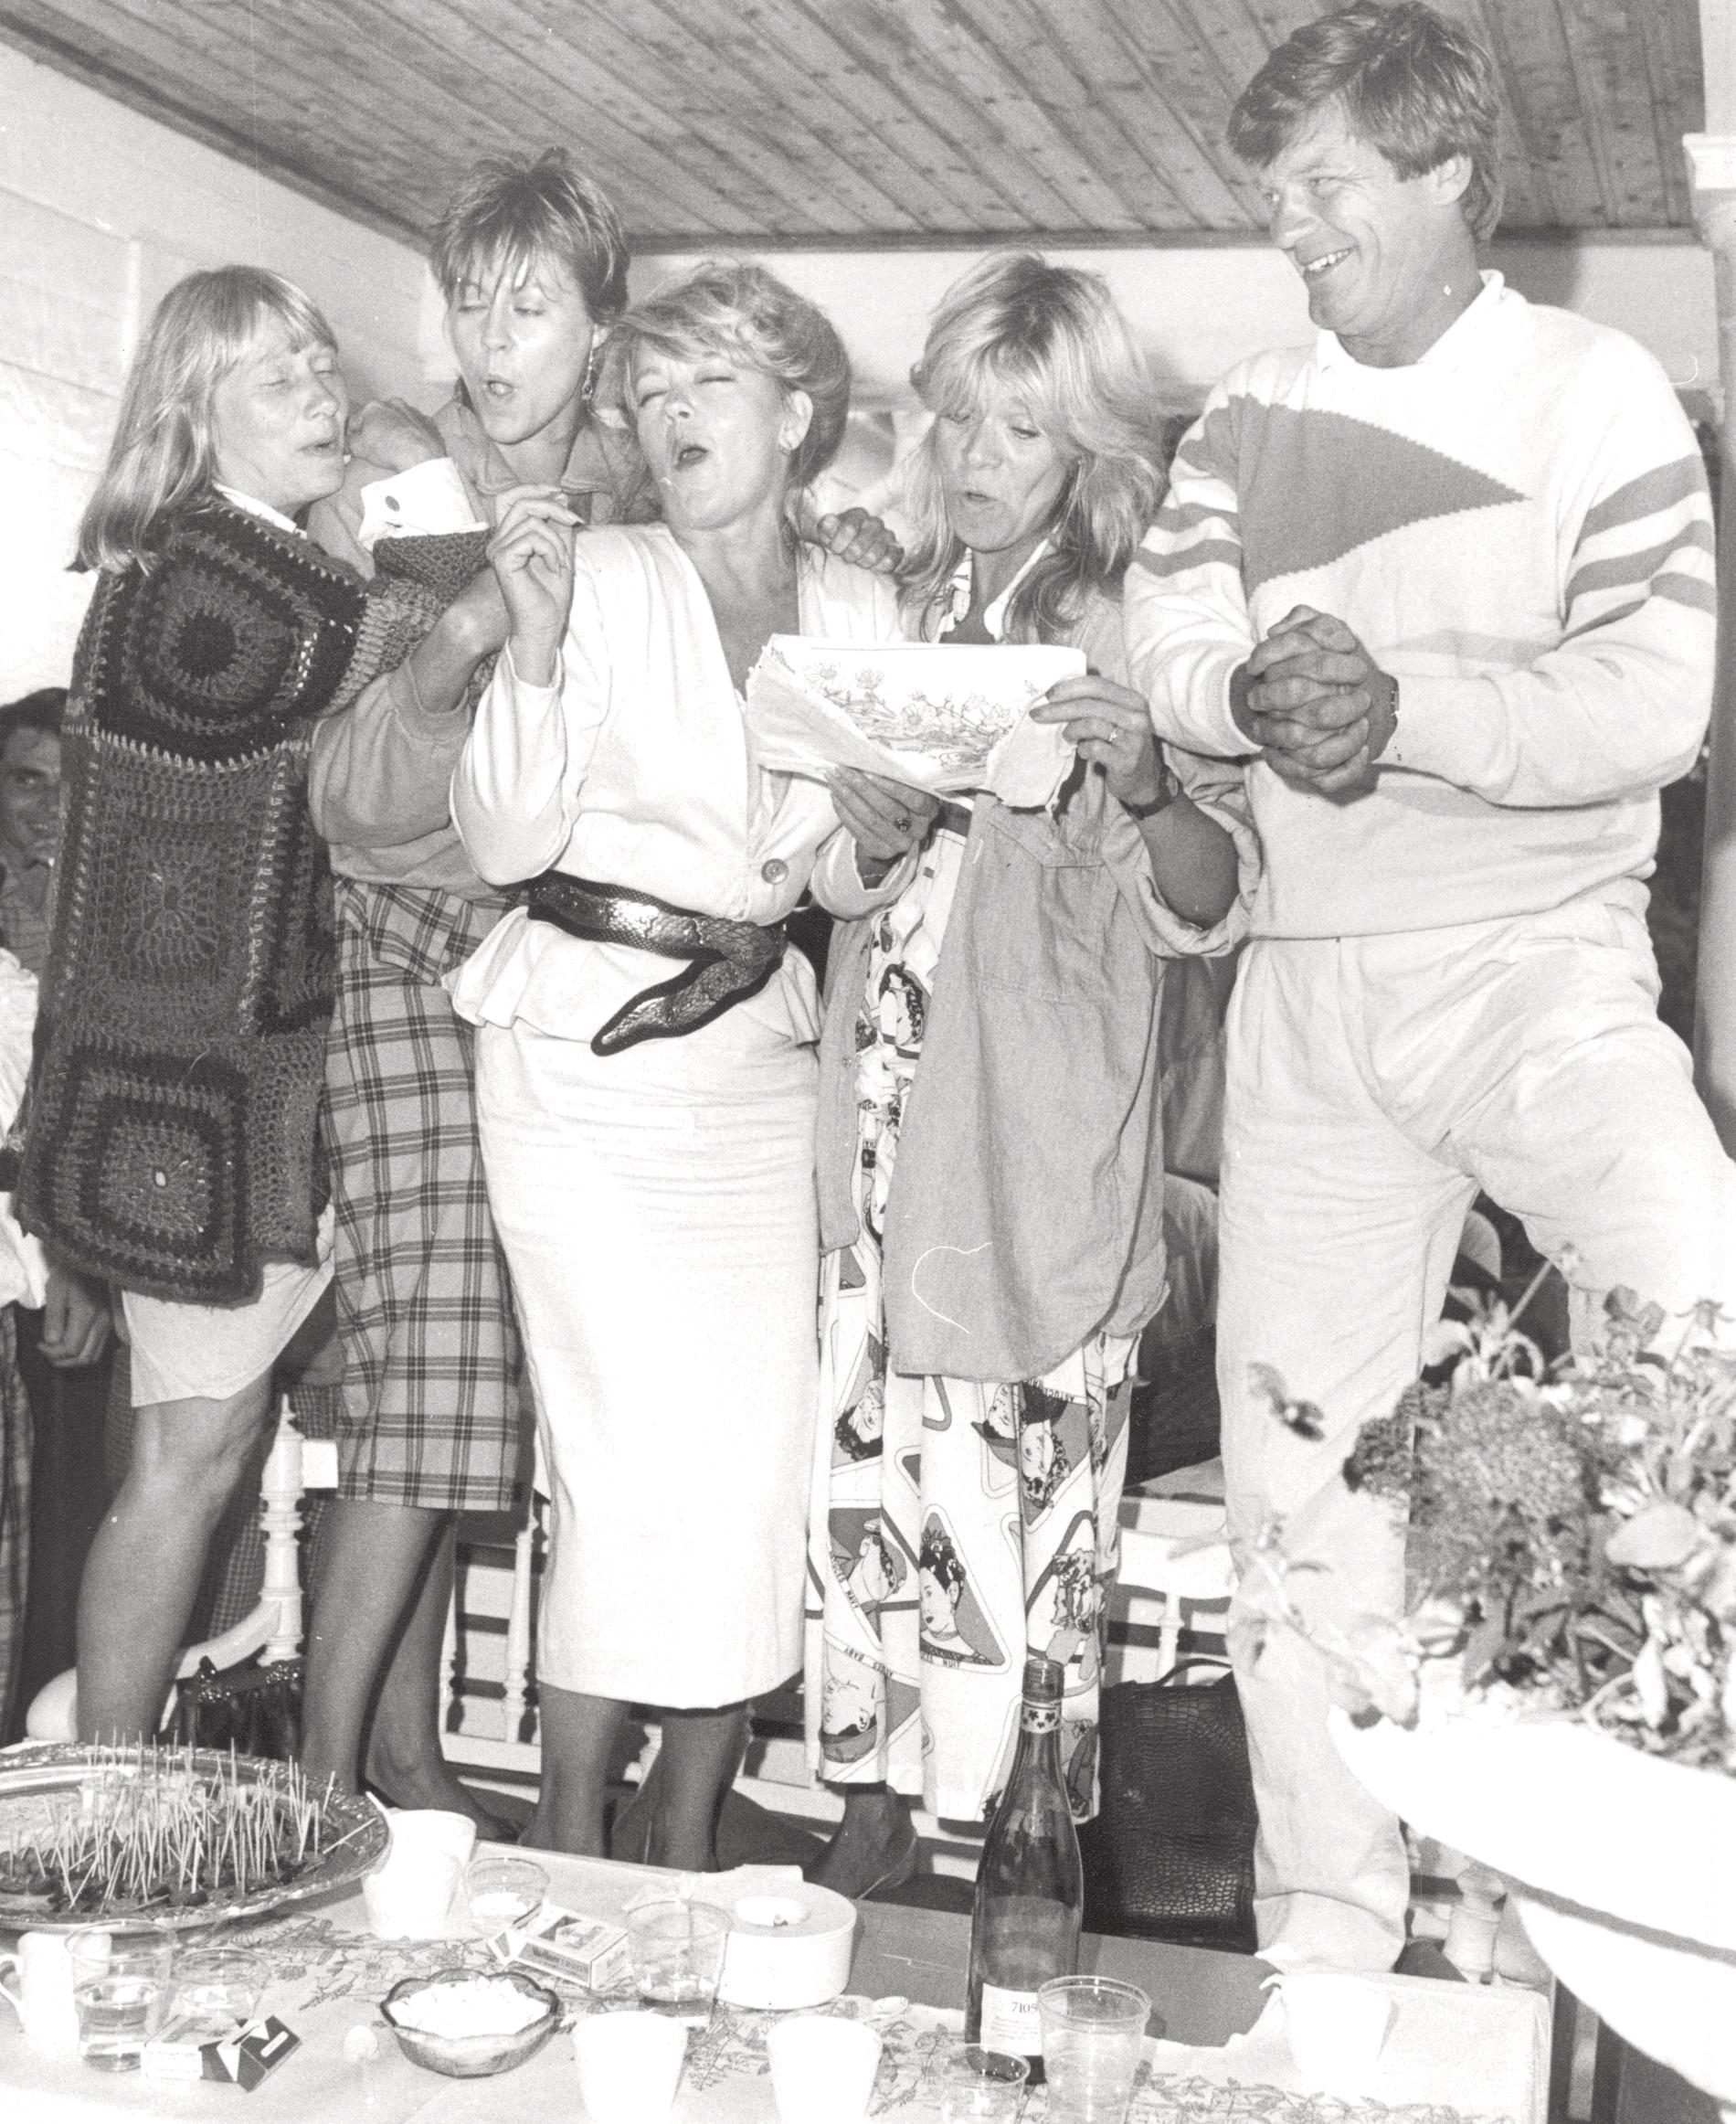 Monica Nielsen, Nina Gunke, Mona Seilitz, Mia Benson och Bosse Parnevik sjunger på en golffest 1986.